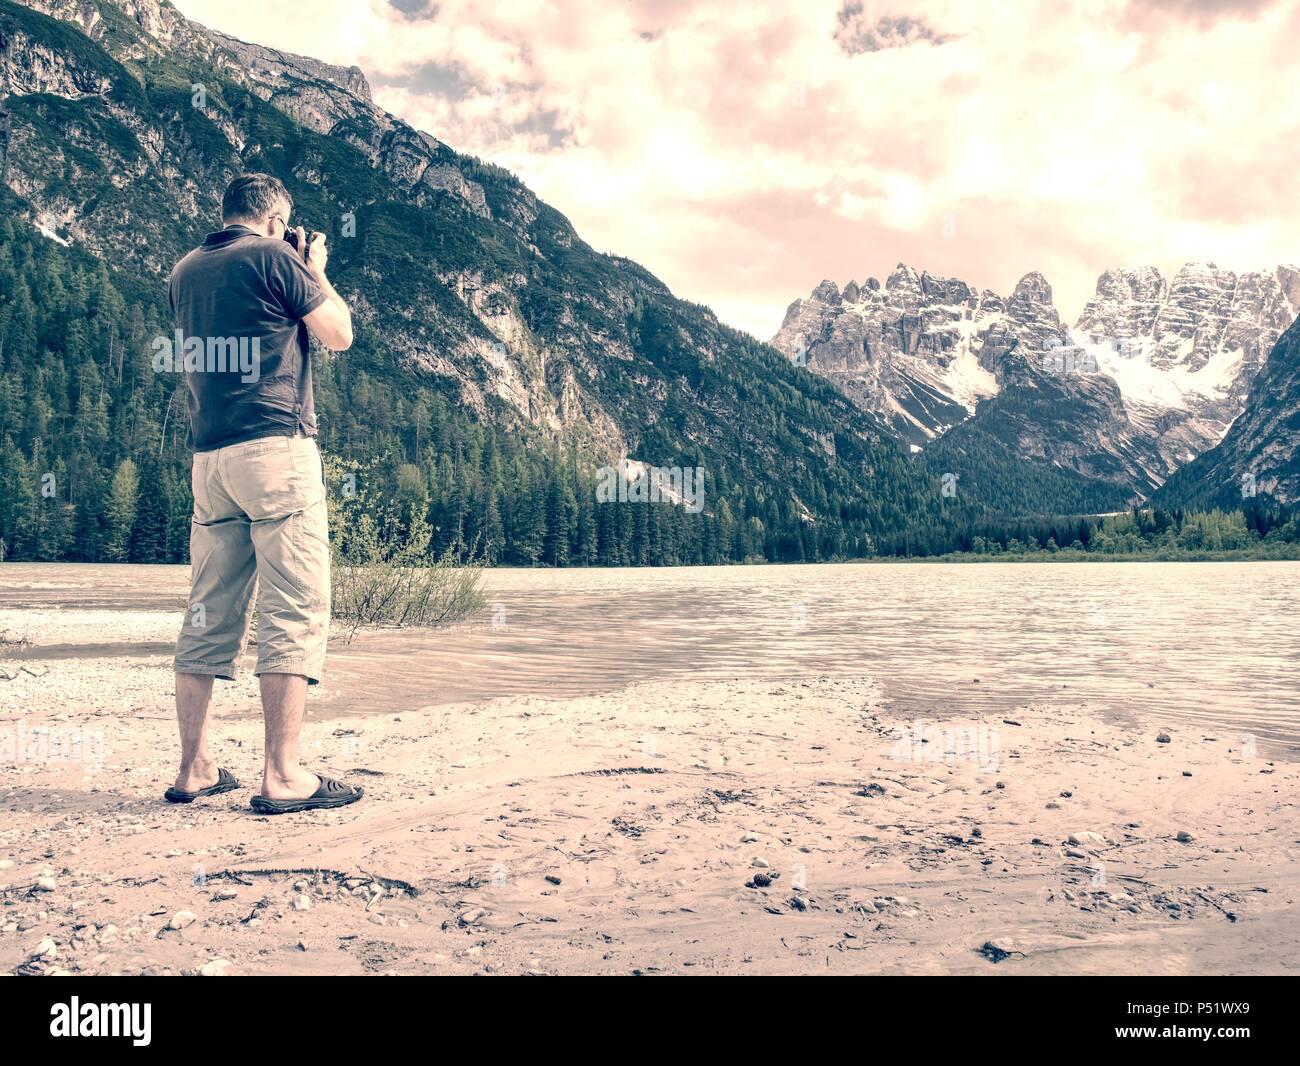 Photo Traveler prend des photos de paysages du lac de mémoire. Lac Bleu entre de hautes montagnes, les pics touch dans le ciel bleu. Concept de vie voyage Photo Stock